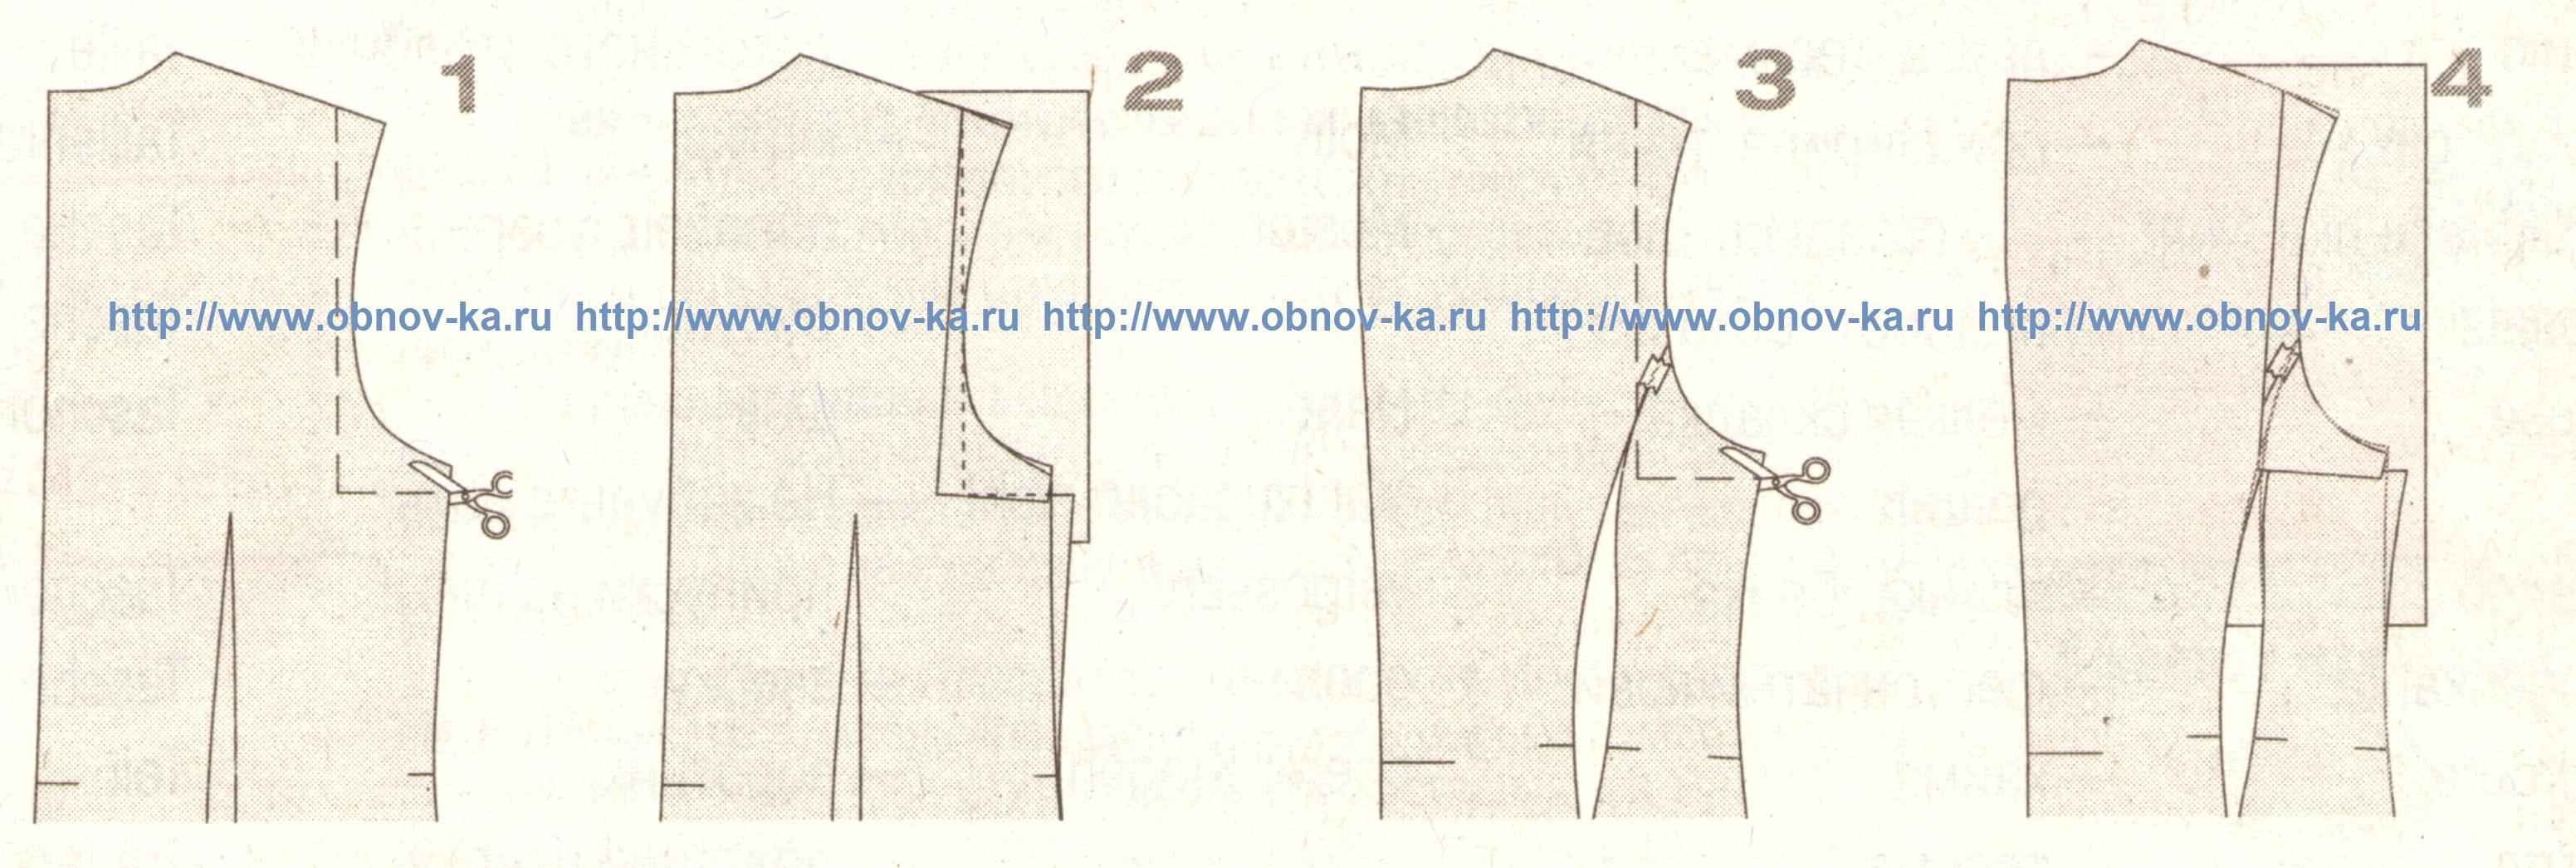 выкройка блузки для сутулой фигуры